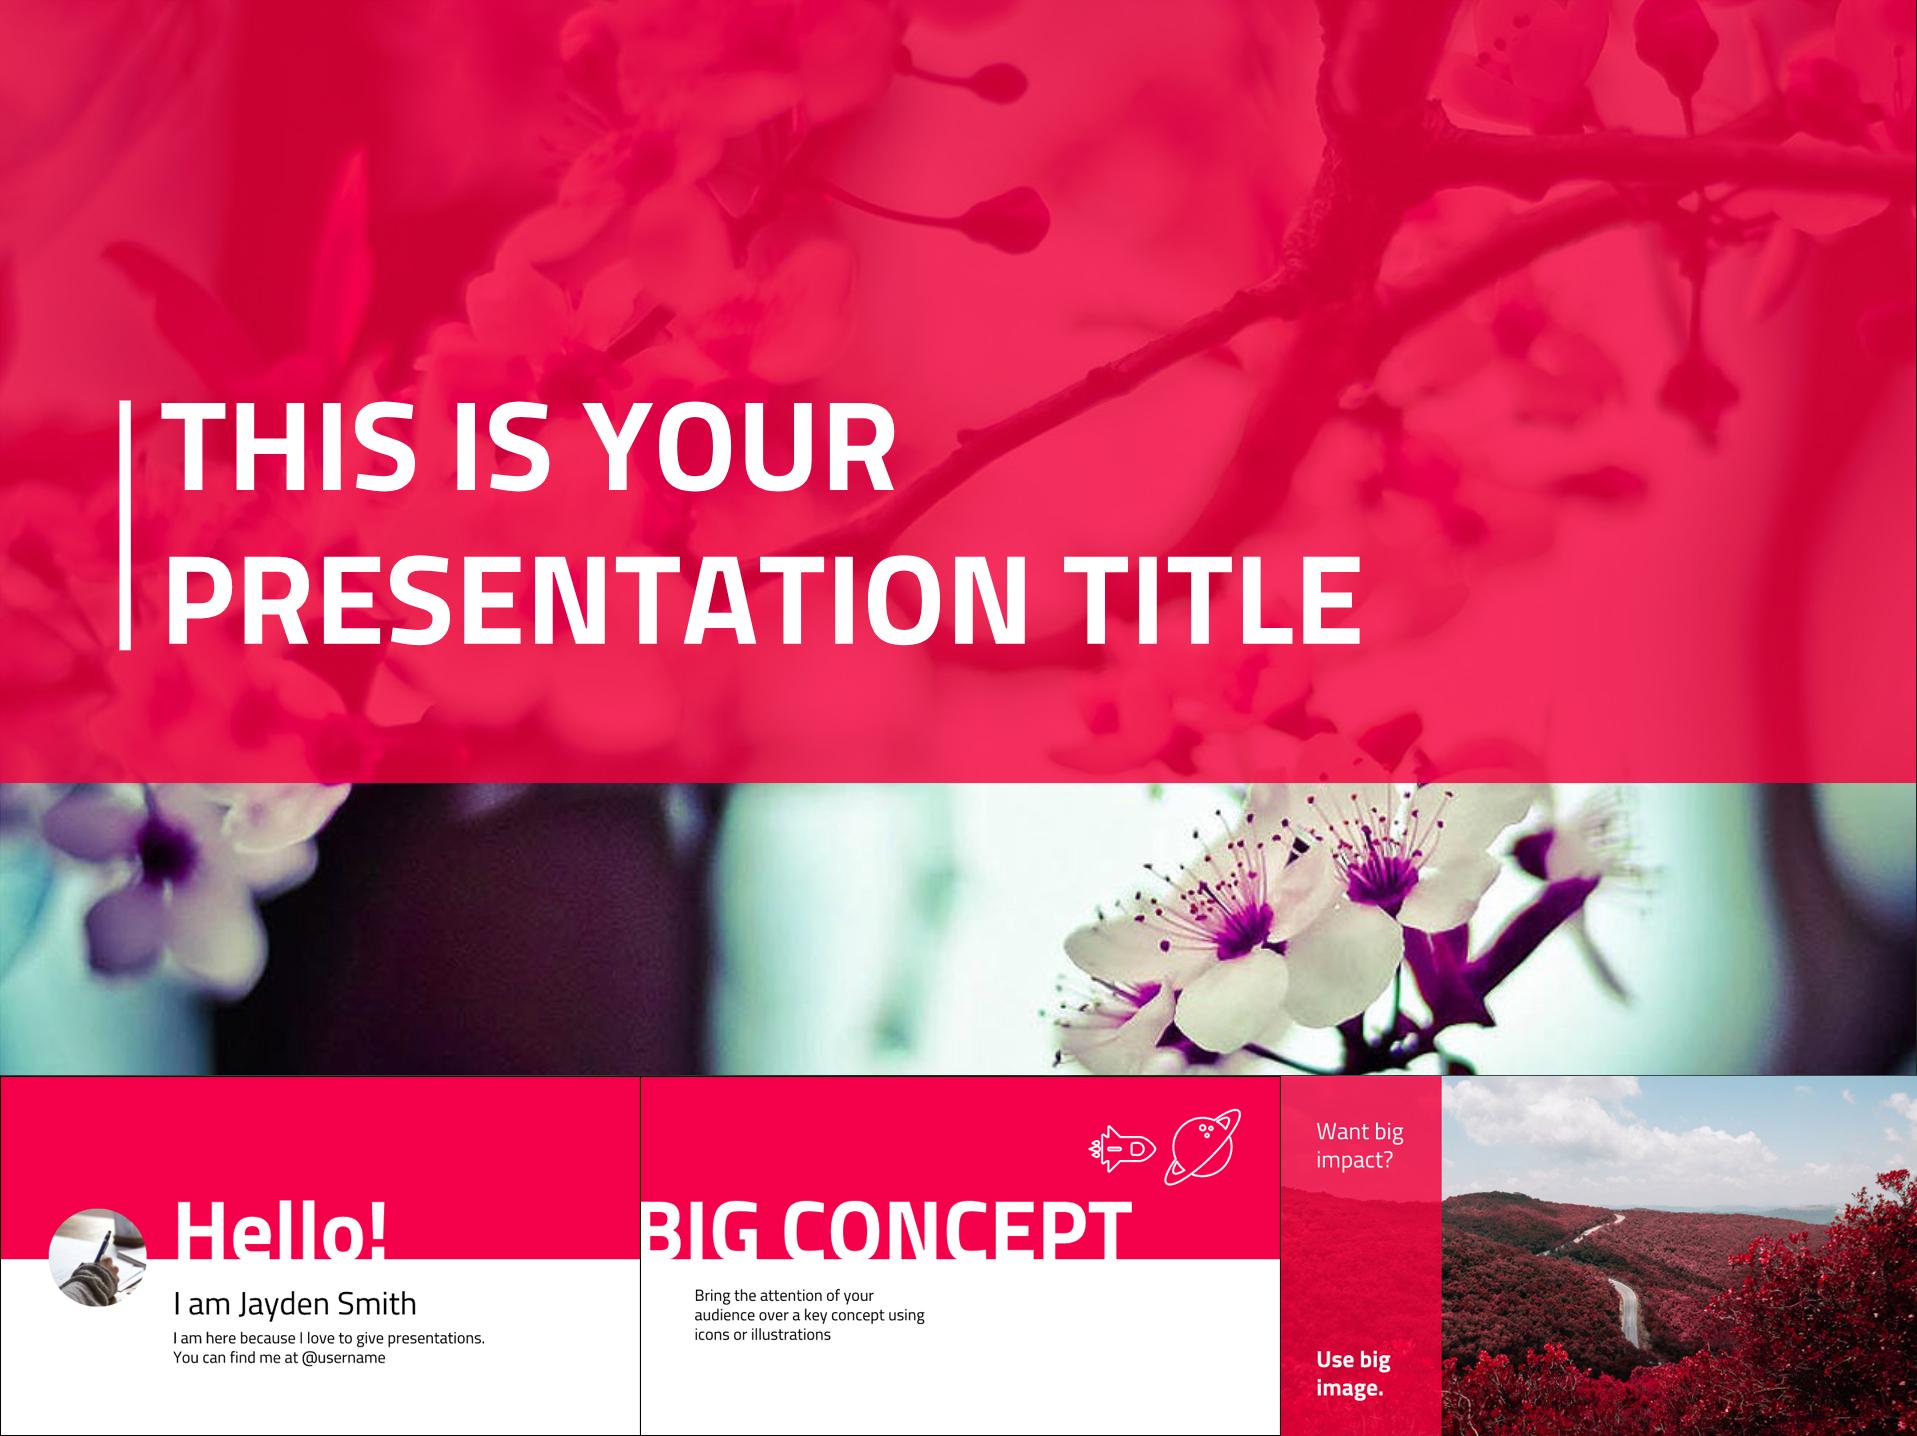 Brand Color Google Slides Presentation Design - The Internet Tips